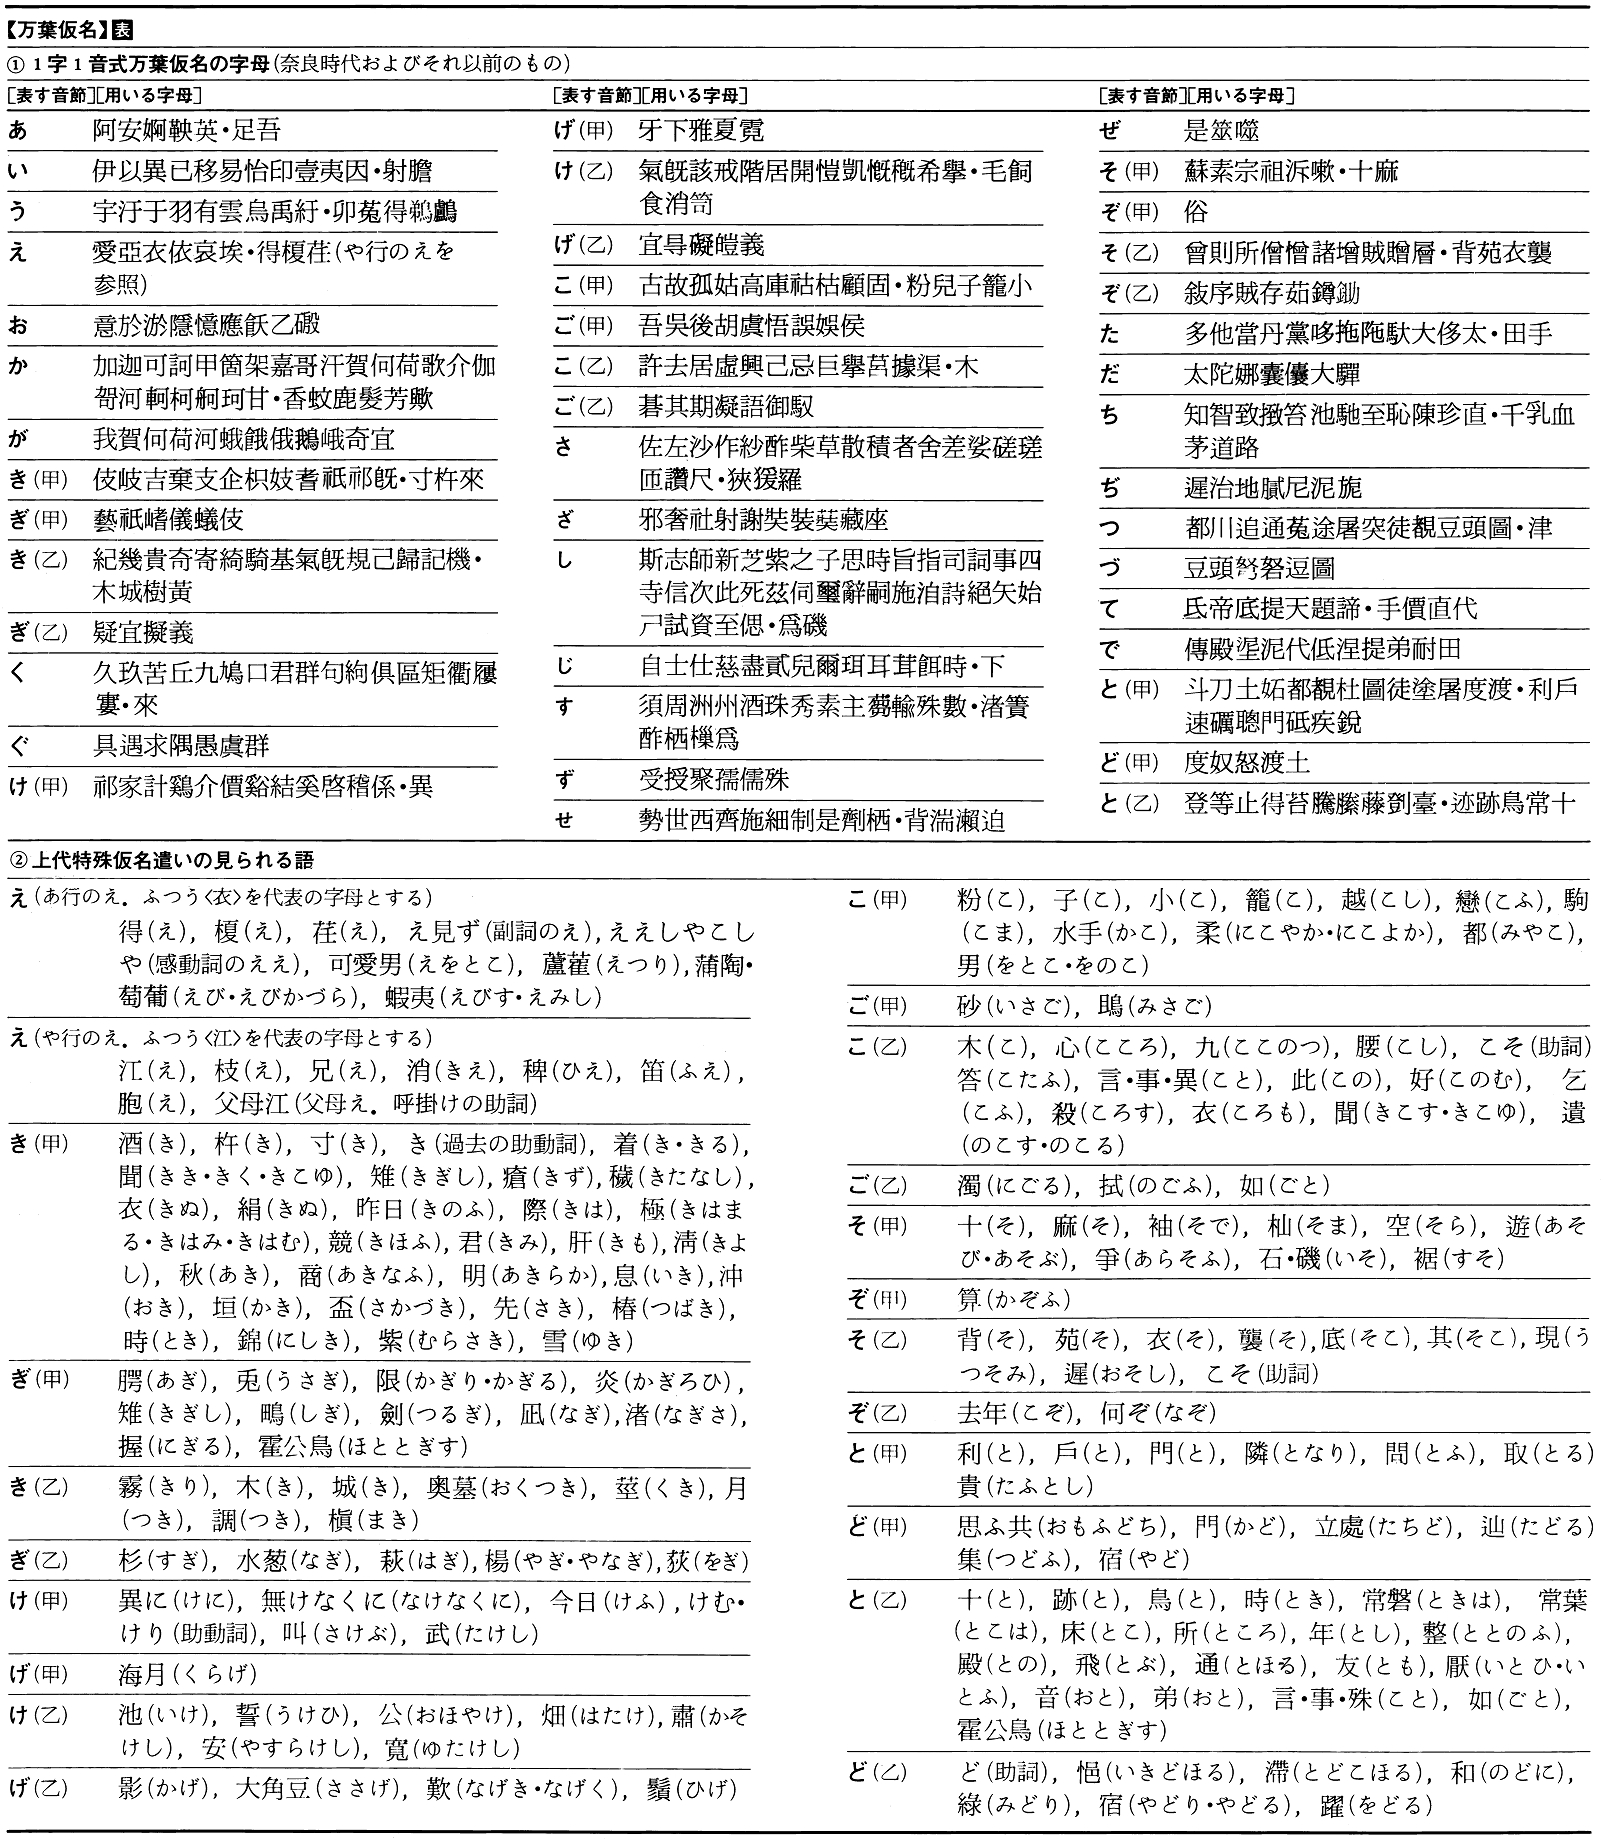 万葉仮名の表1